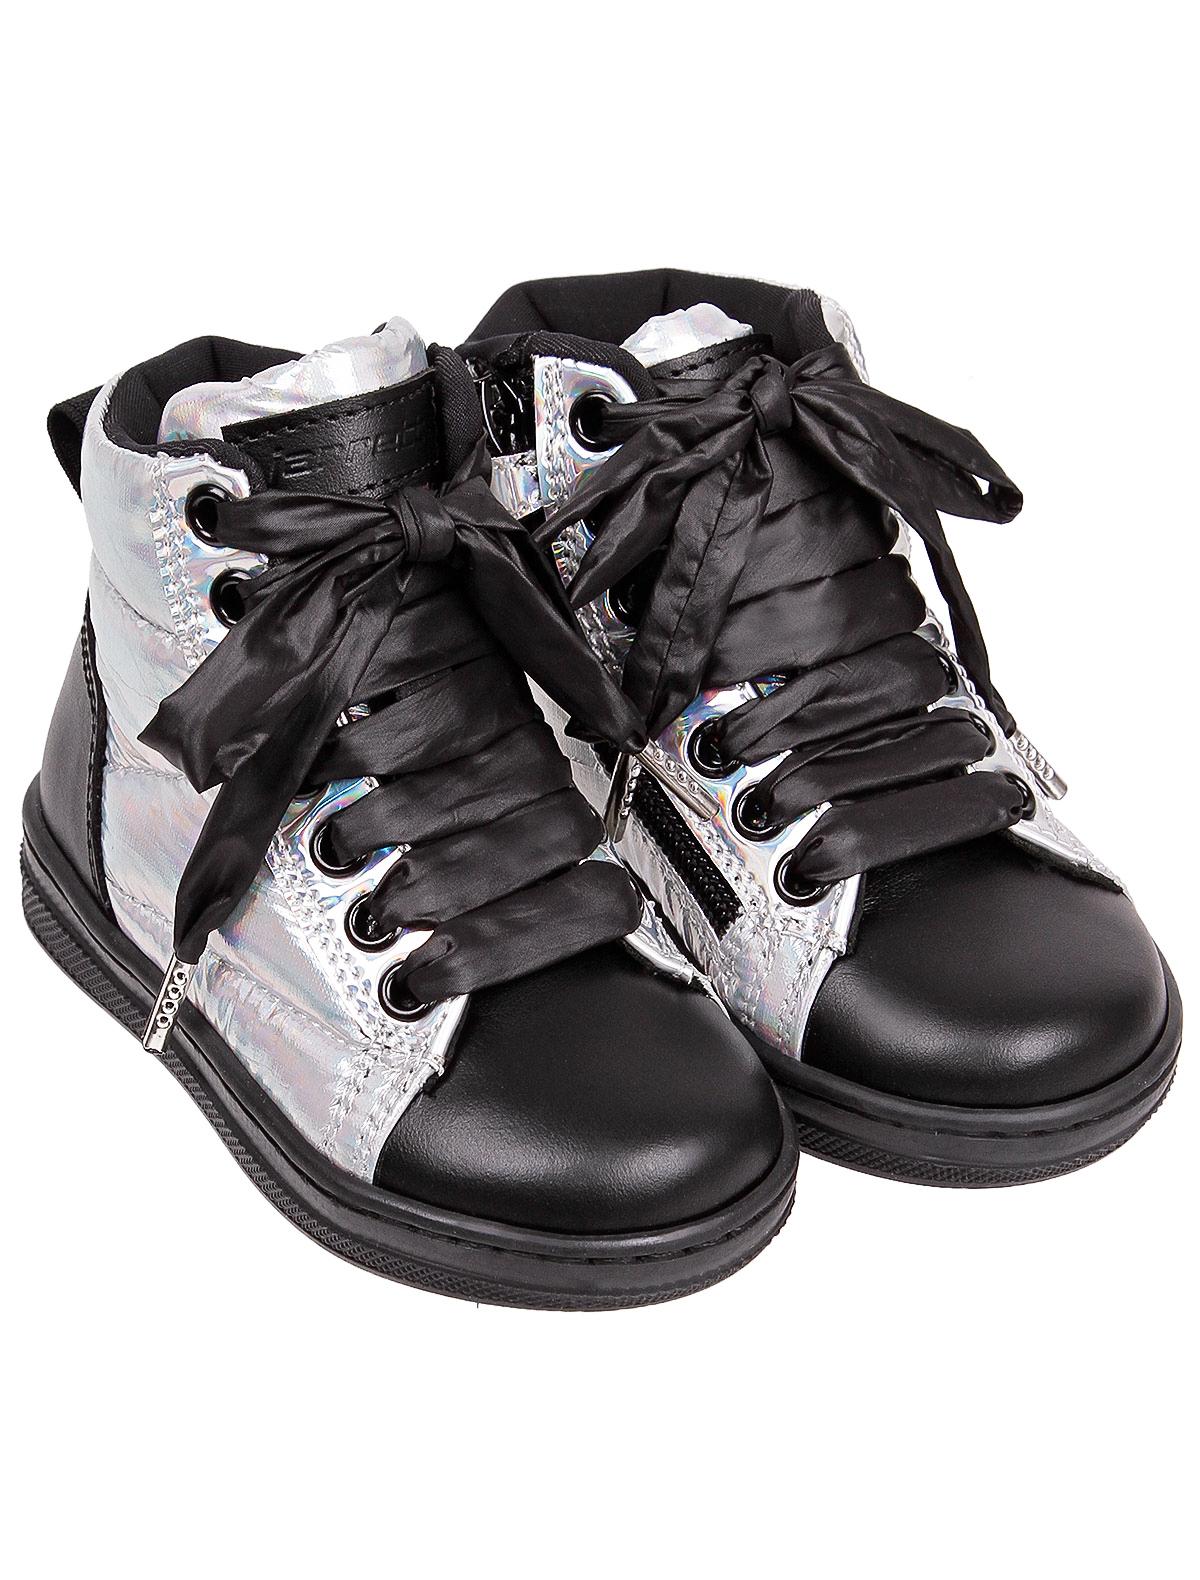 Ботинки JARRETT черного цвета